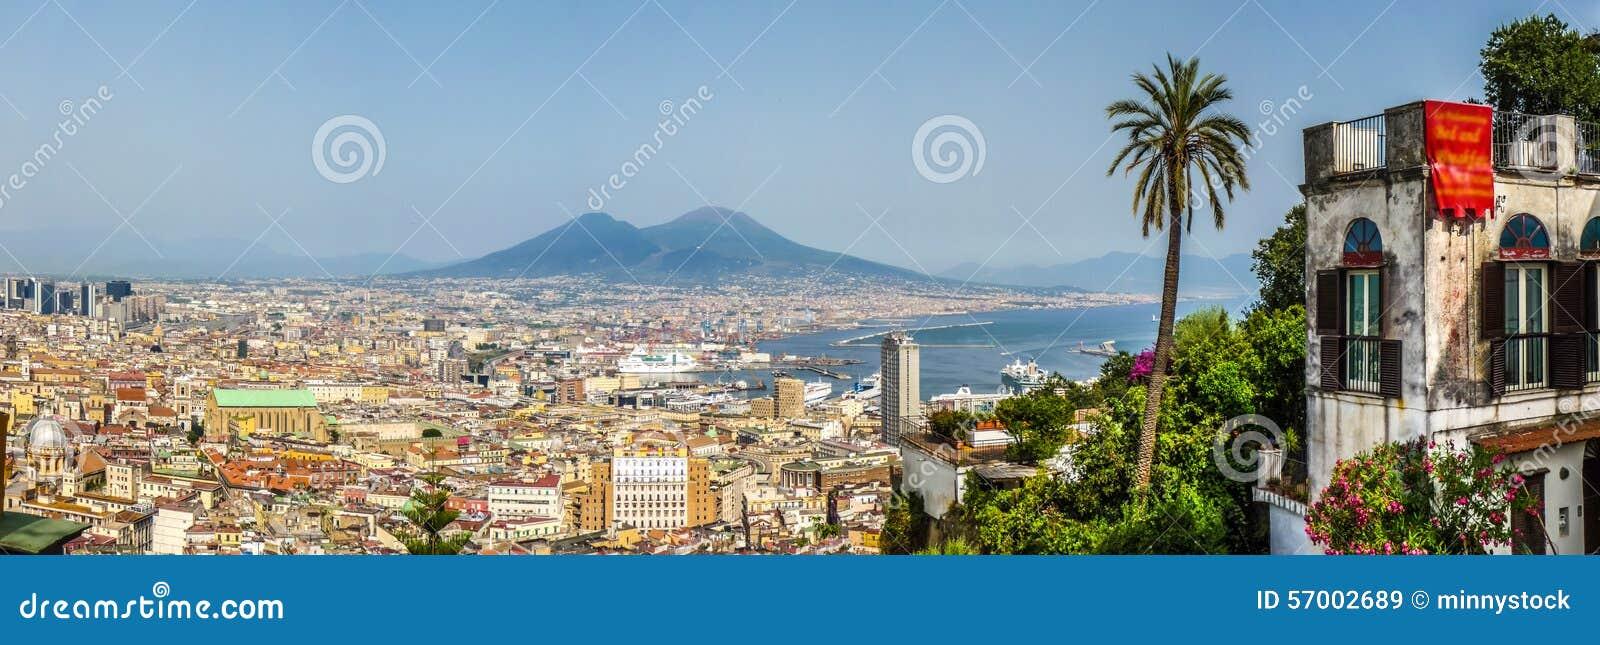 Vogelperspektive von Napoli mit dem Vesuv bei Sonnenuntergang, Kampanien, I